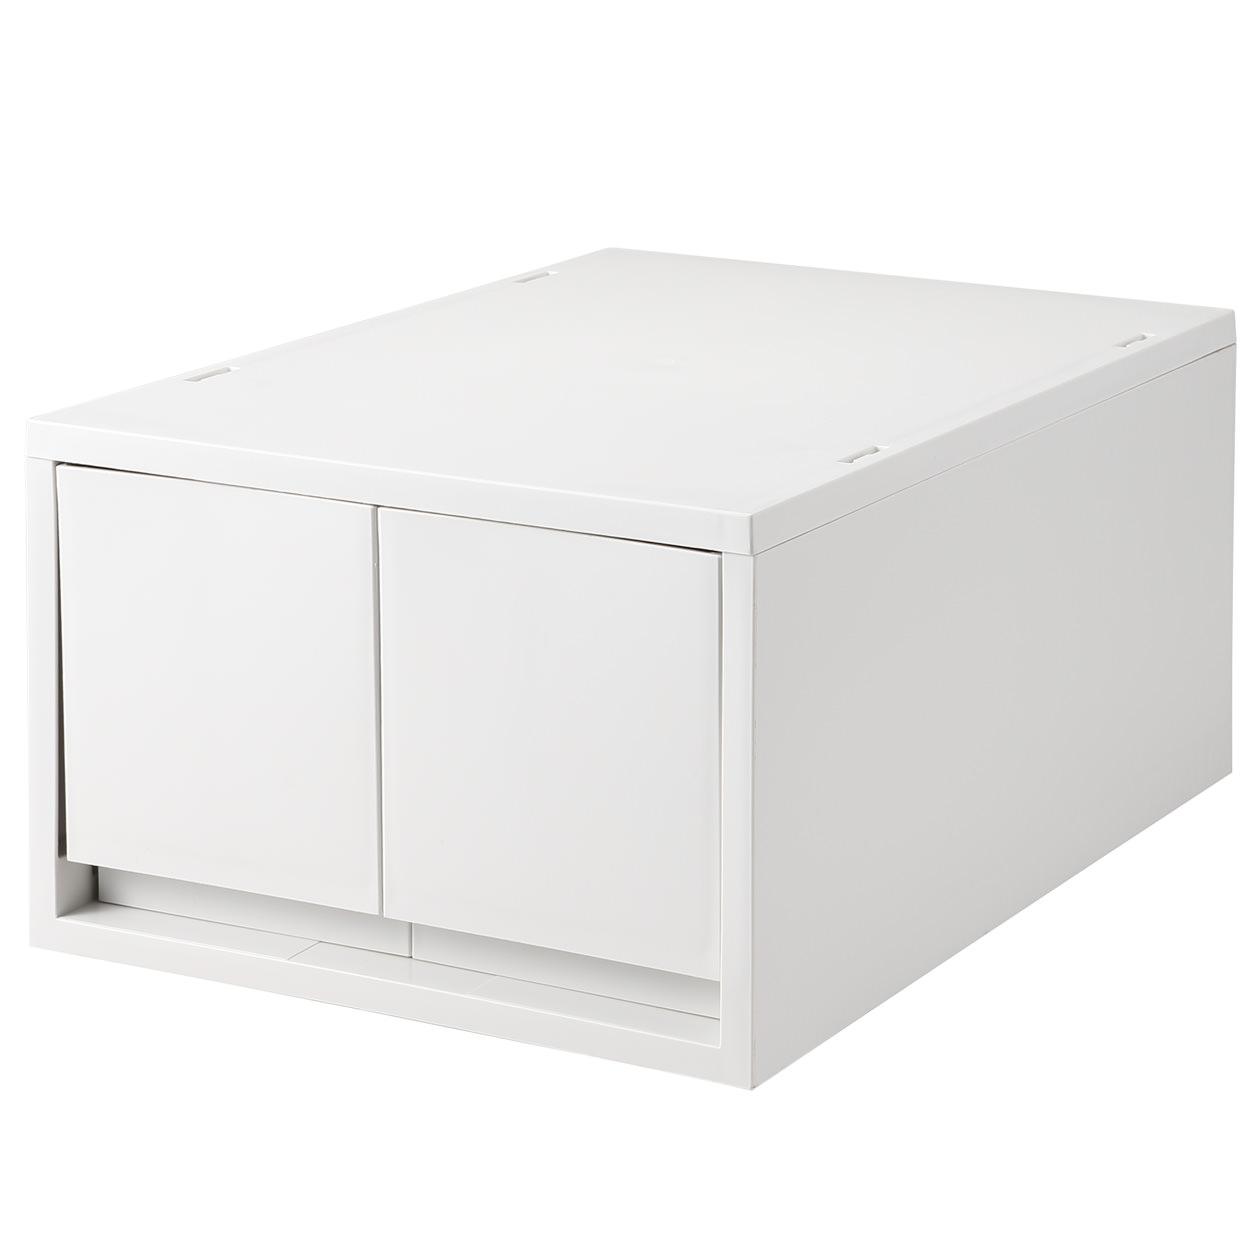 無印良品・ポリプロピレンケース・引出式・深型・2個(仕切付)・ホワイトグレー